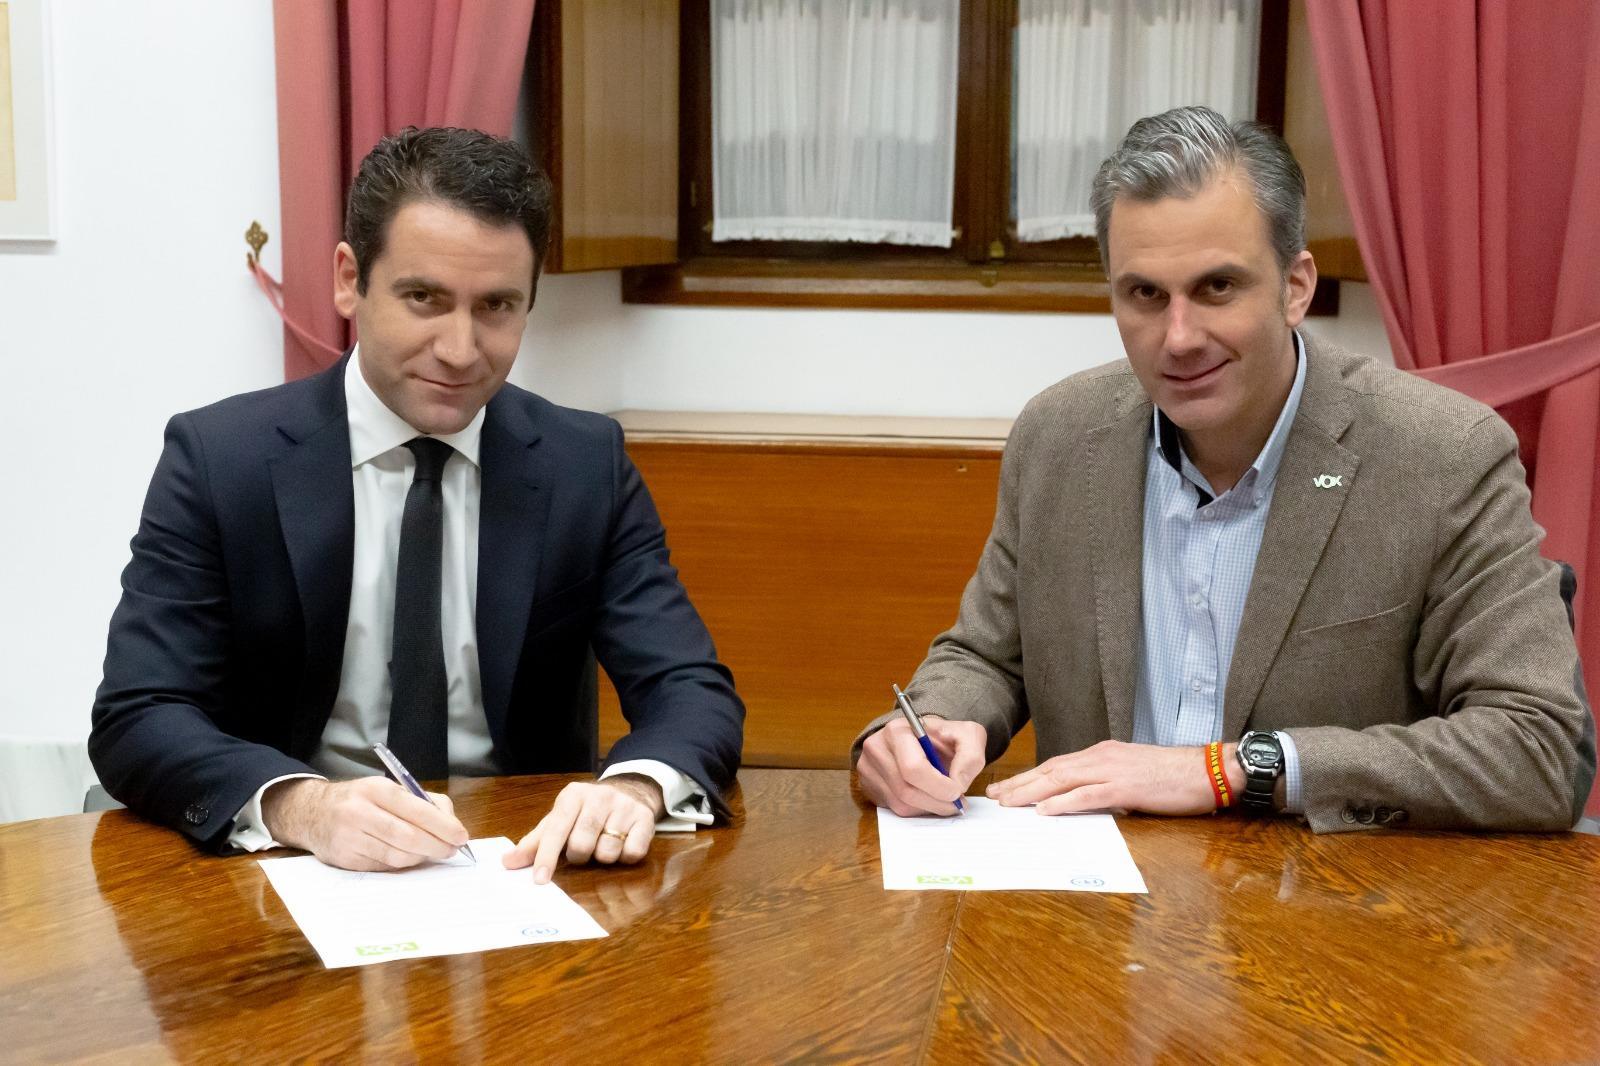 LA RATONERA: ¿Qué diferencias hay entre PP y VOX? Con Jesús Cantero, Armando Robles y Santi Fontenla